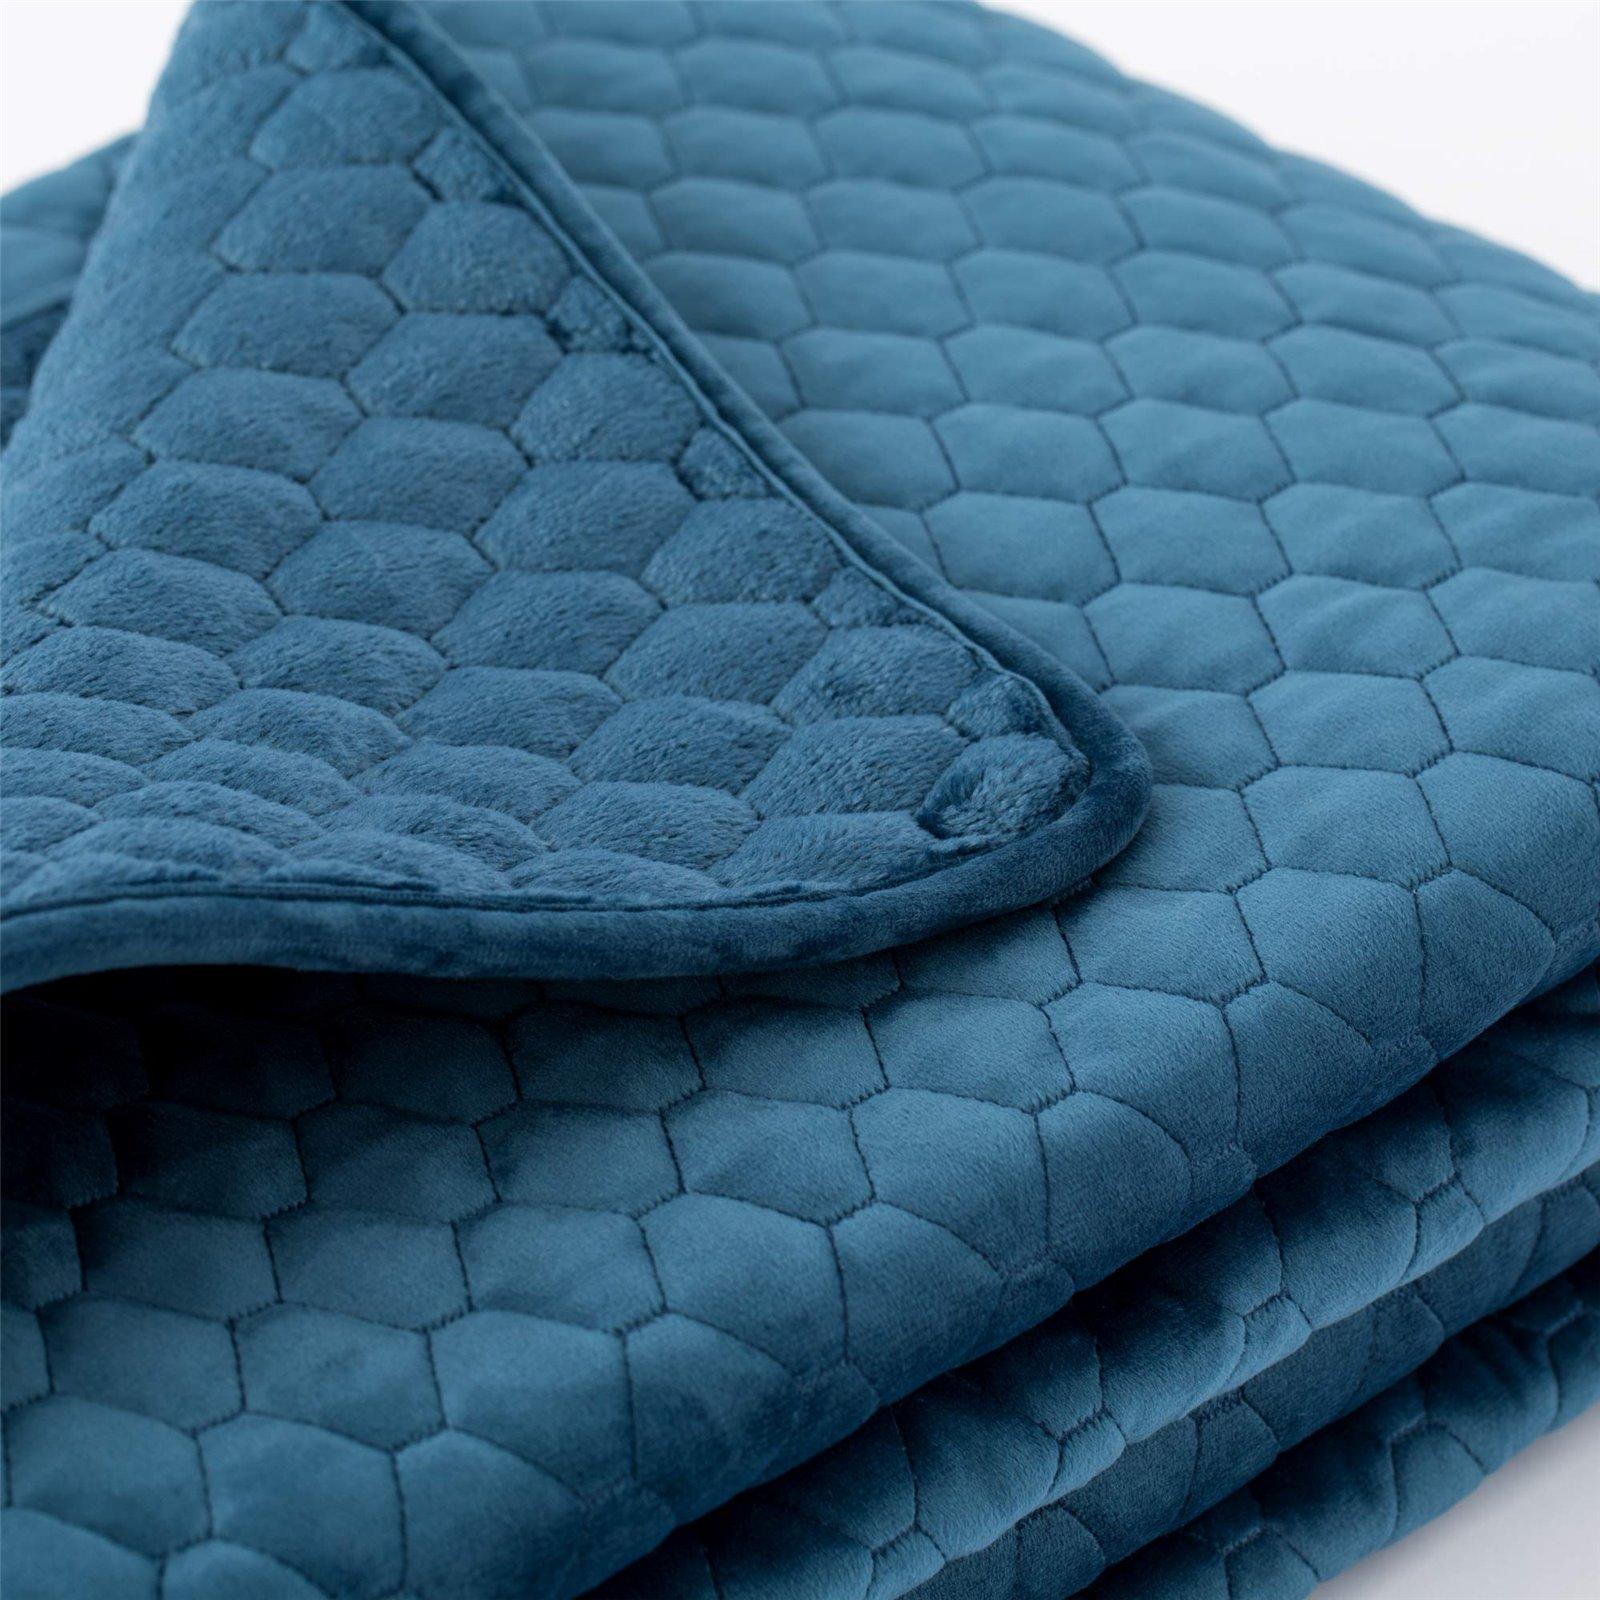 Hammam Maldive multi-purpose cloth